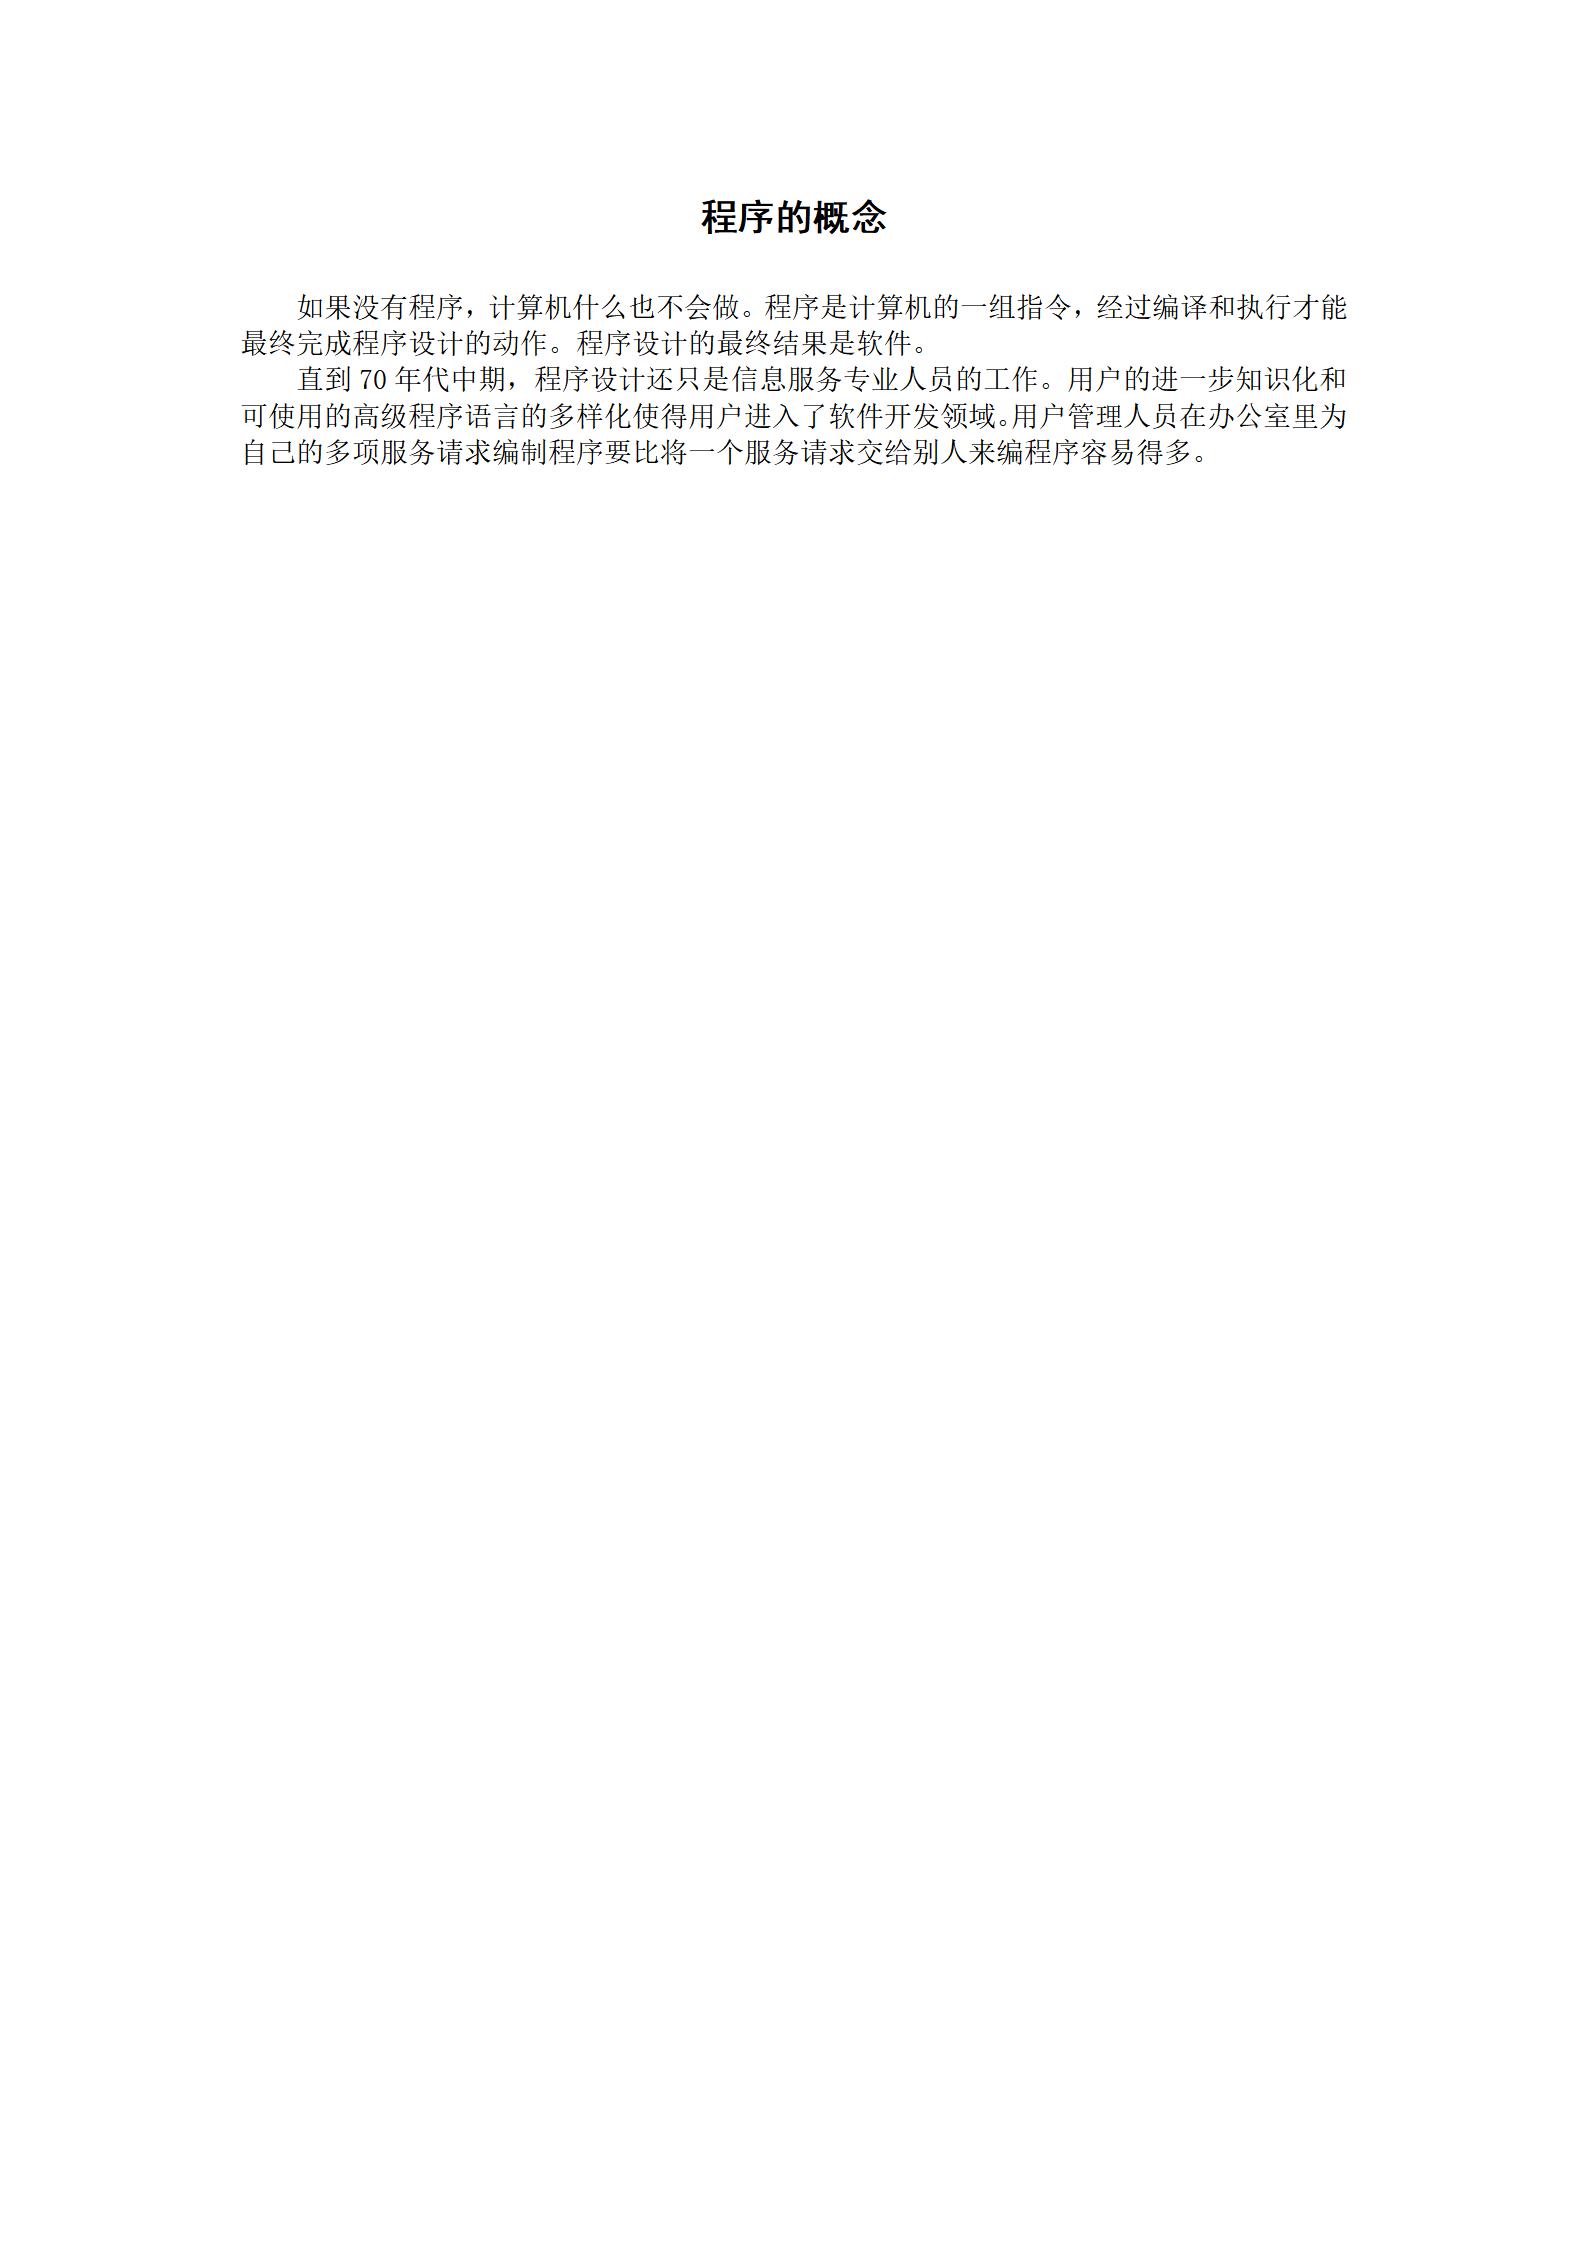 企业信息管理制度-程序设计之程序的概念_01.png